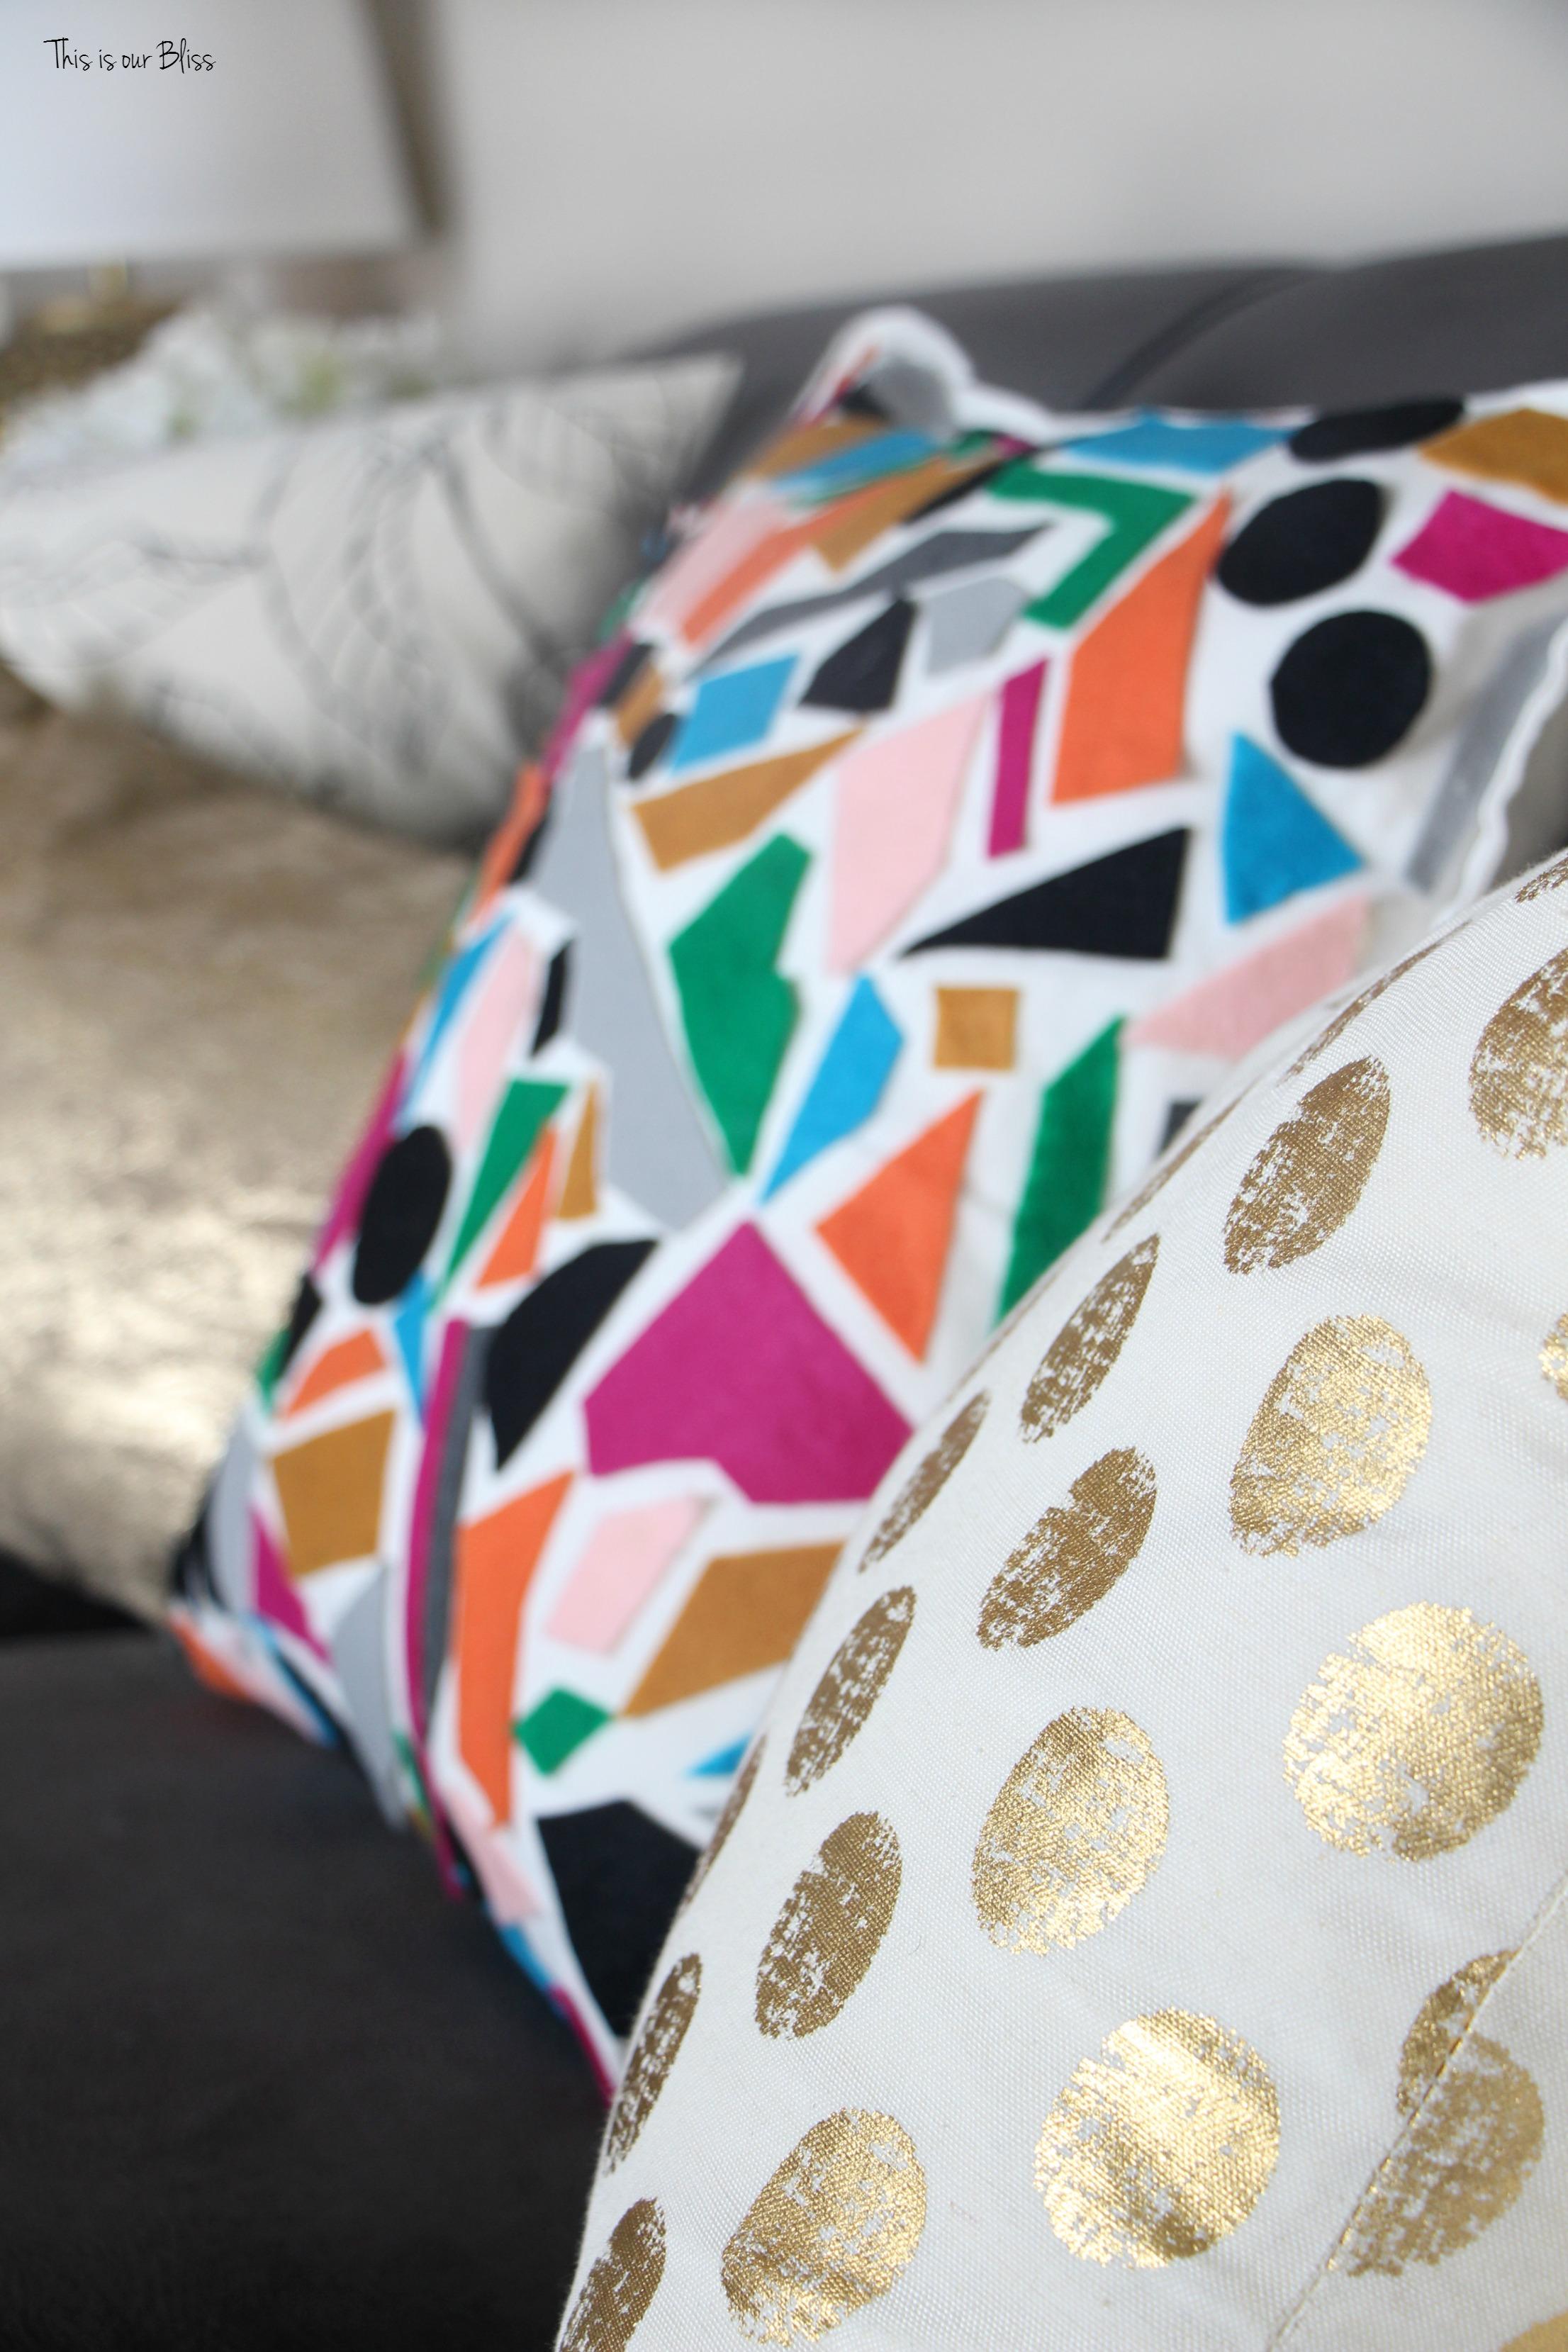 Knock it off DIY world market inspired pillow how to make a no sew felt pillow & How to DIY No-sew Felt Pillow | World Market Knock-off | This is ... pillowsntoast.com